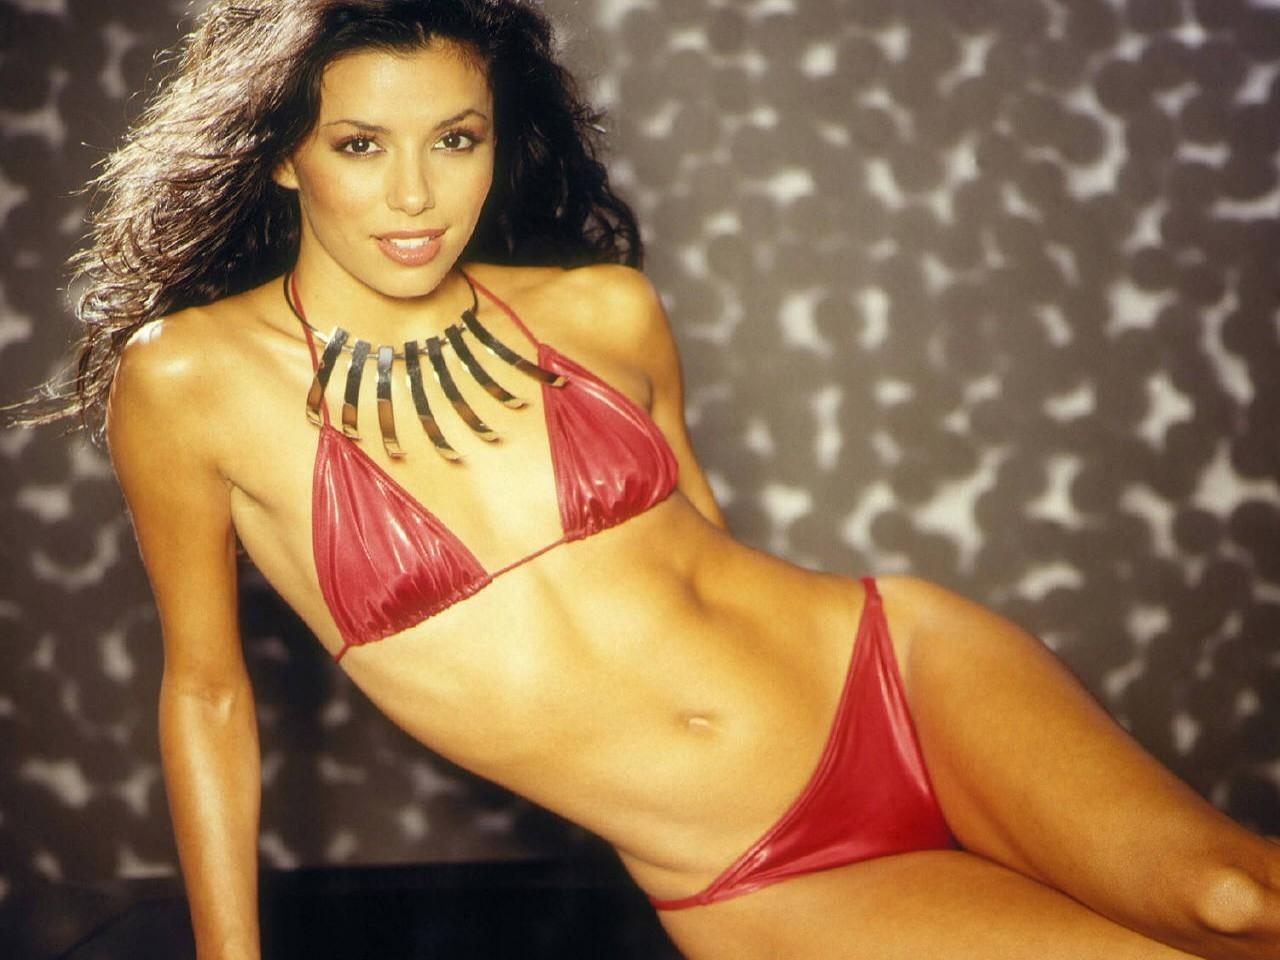 Wallpaper di Eva Longoria Parker in bikini rosso fuoco